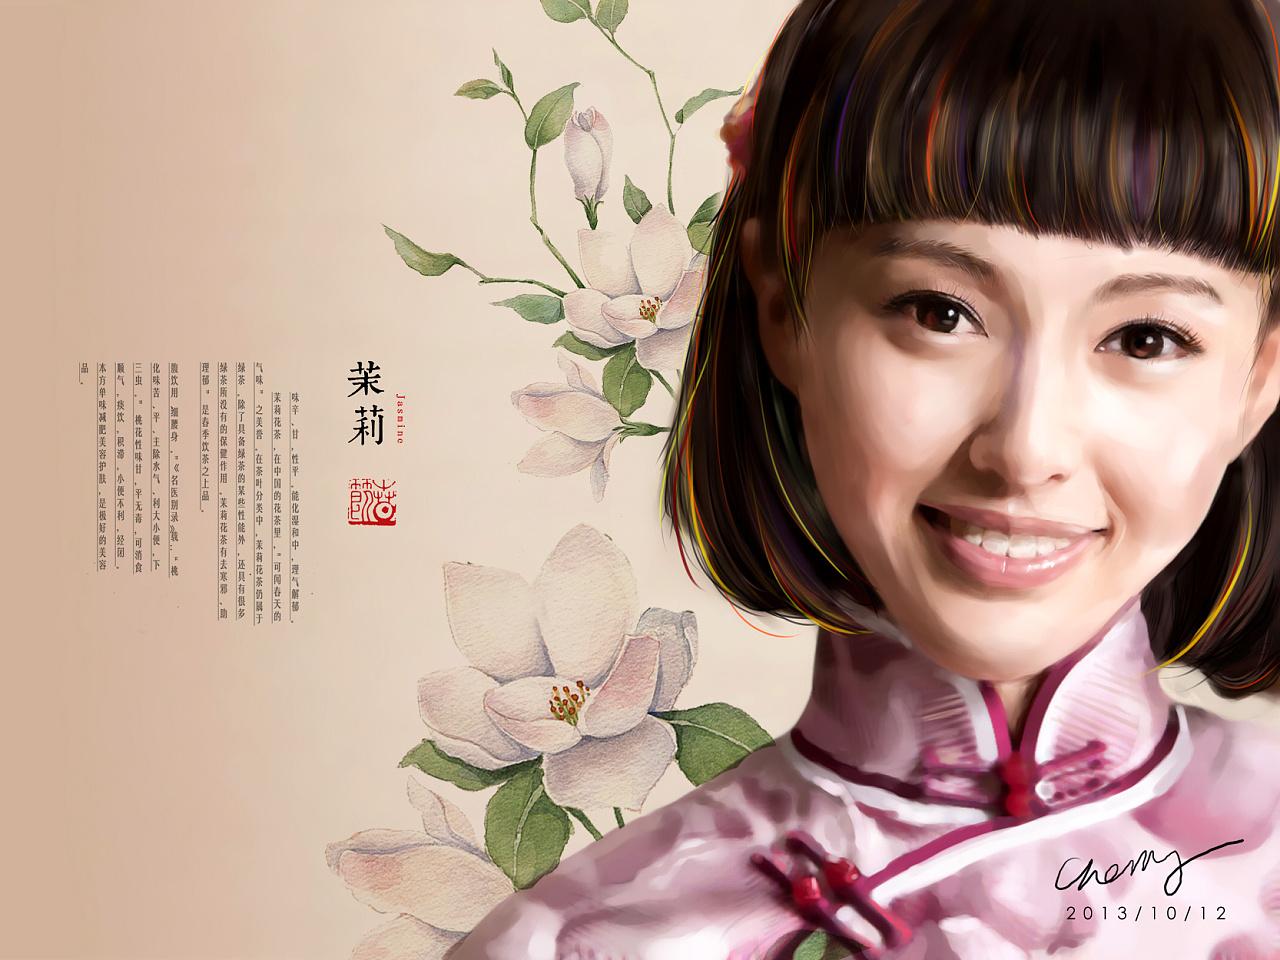 唐嫣 中国风 手绘